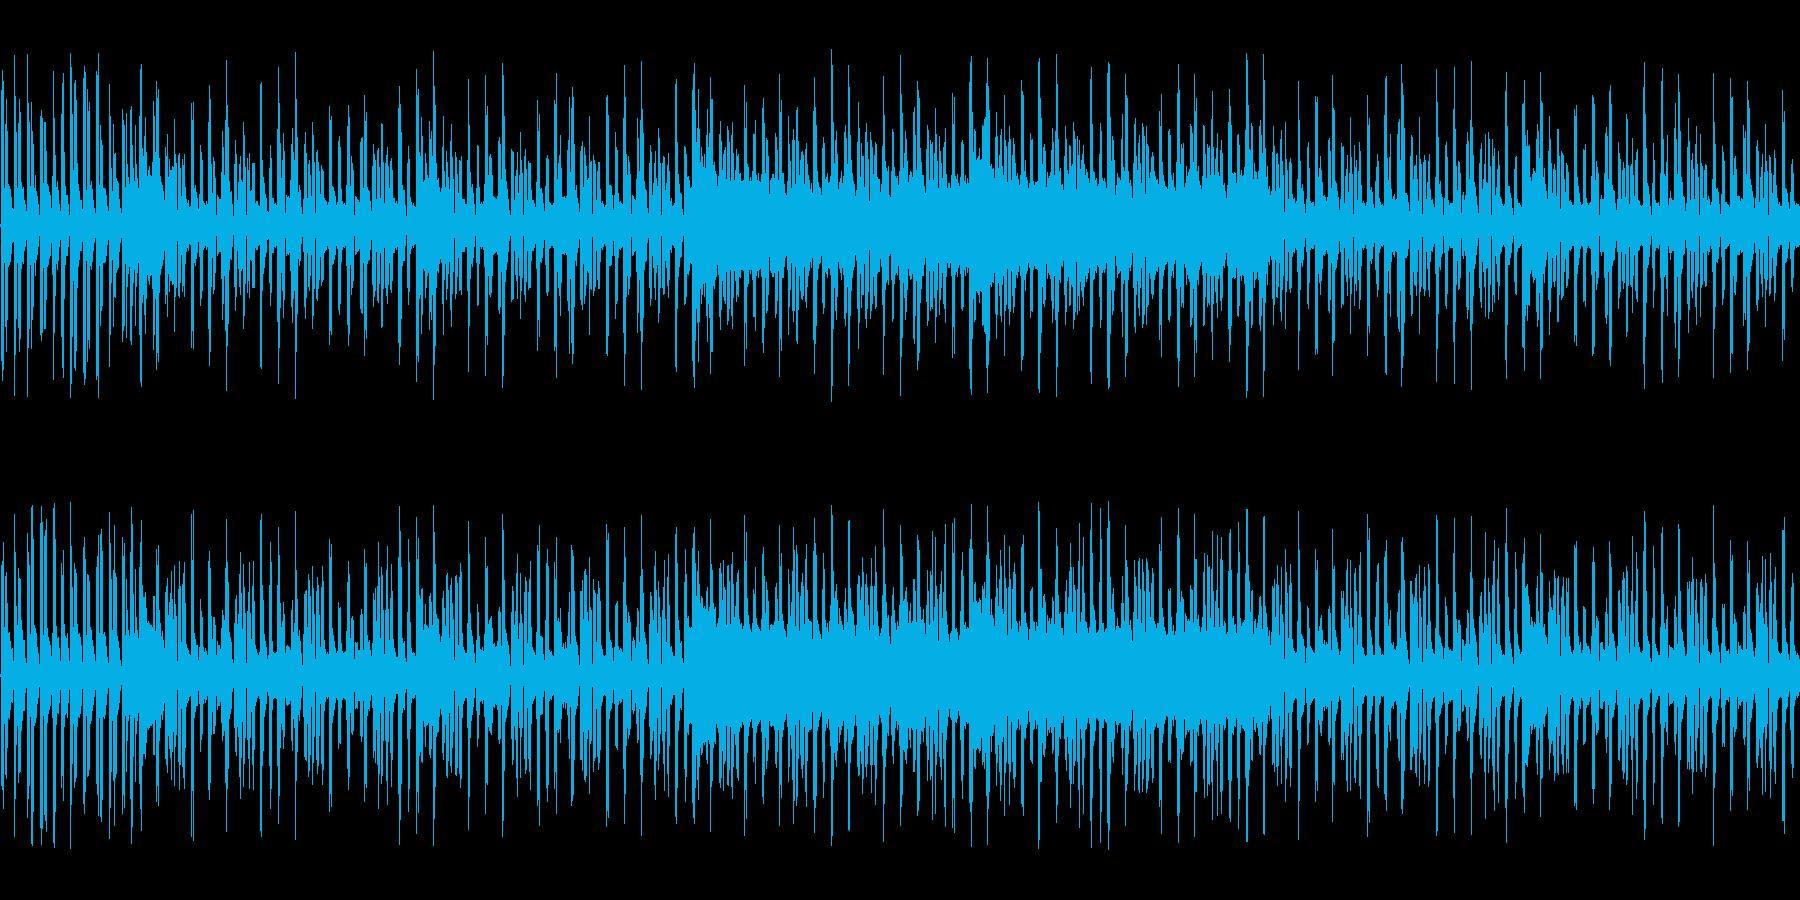 アクション向きの不思議系チップチューンの再生済みの波形